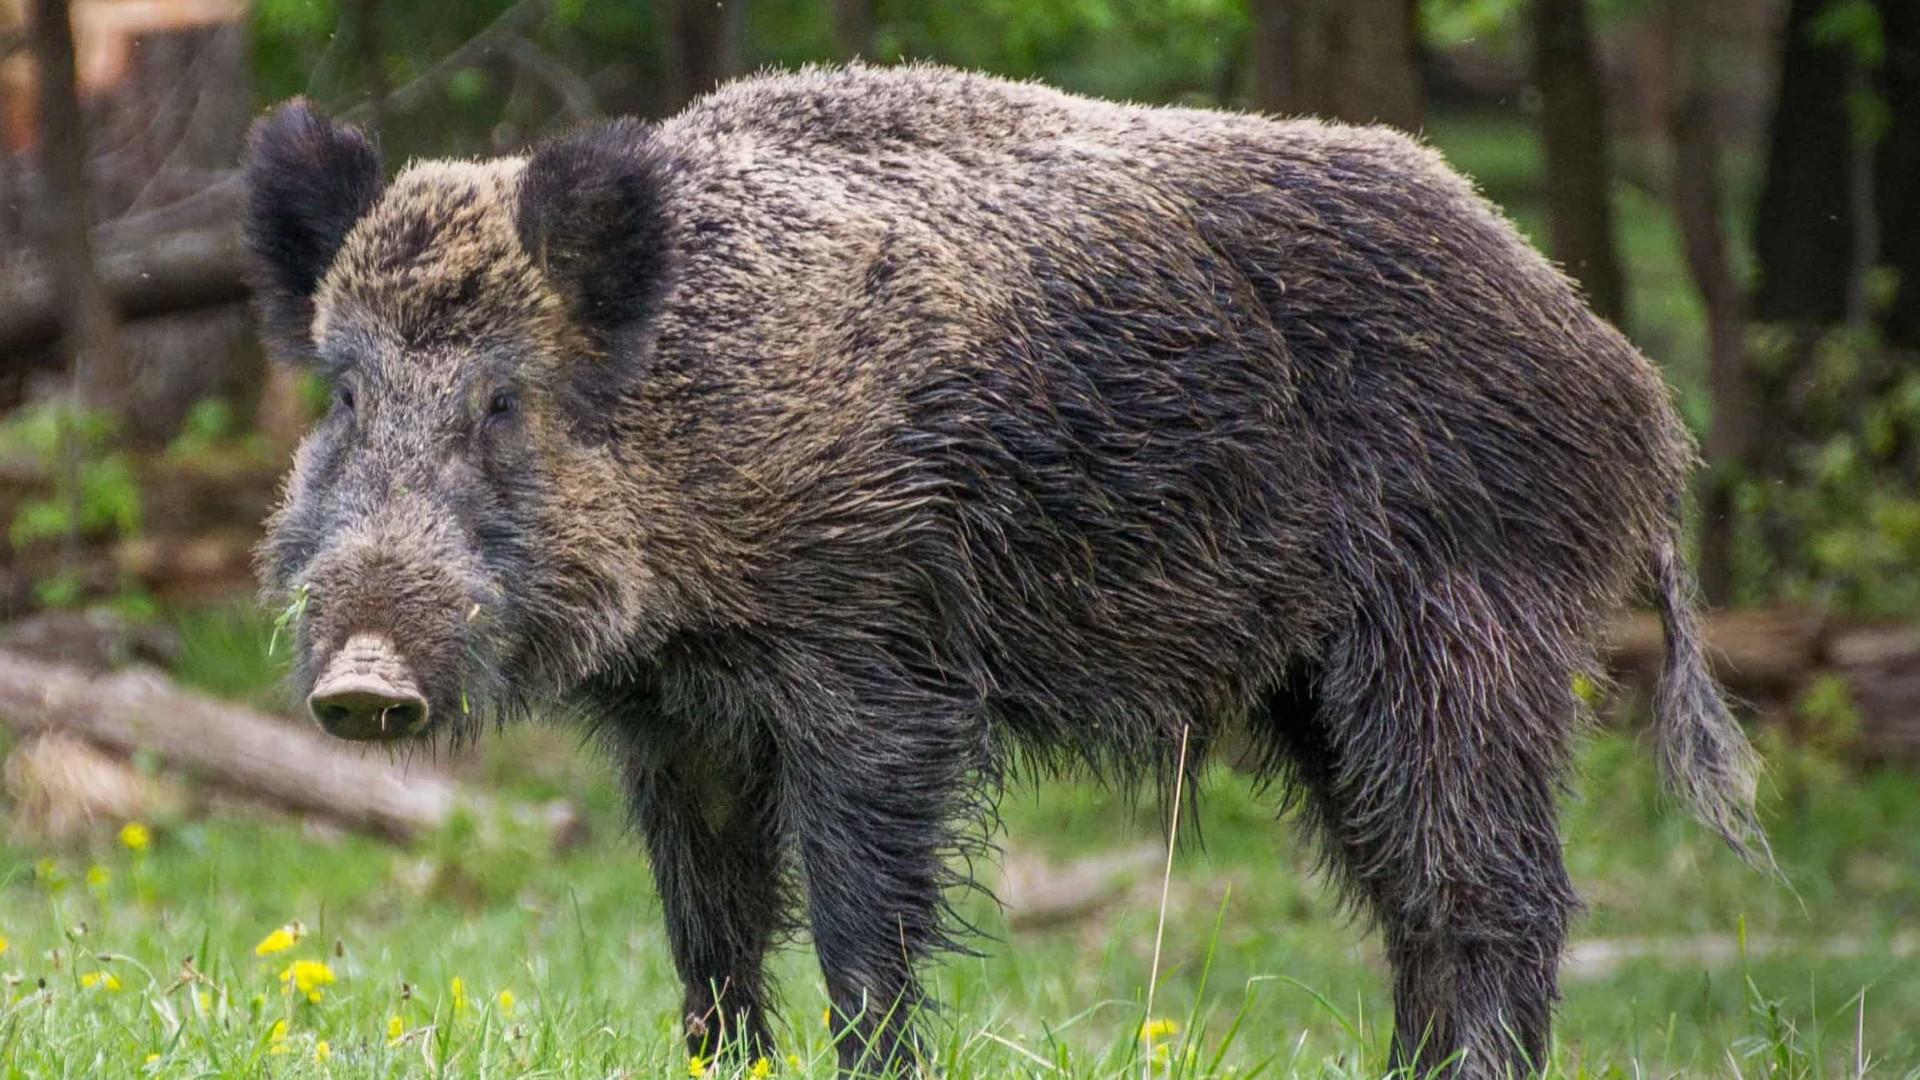 Javalis selvagens cheiraram cocaína escondida em floresta italiana